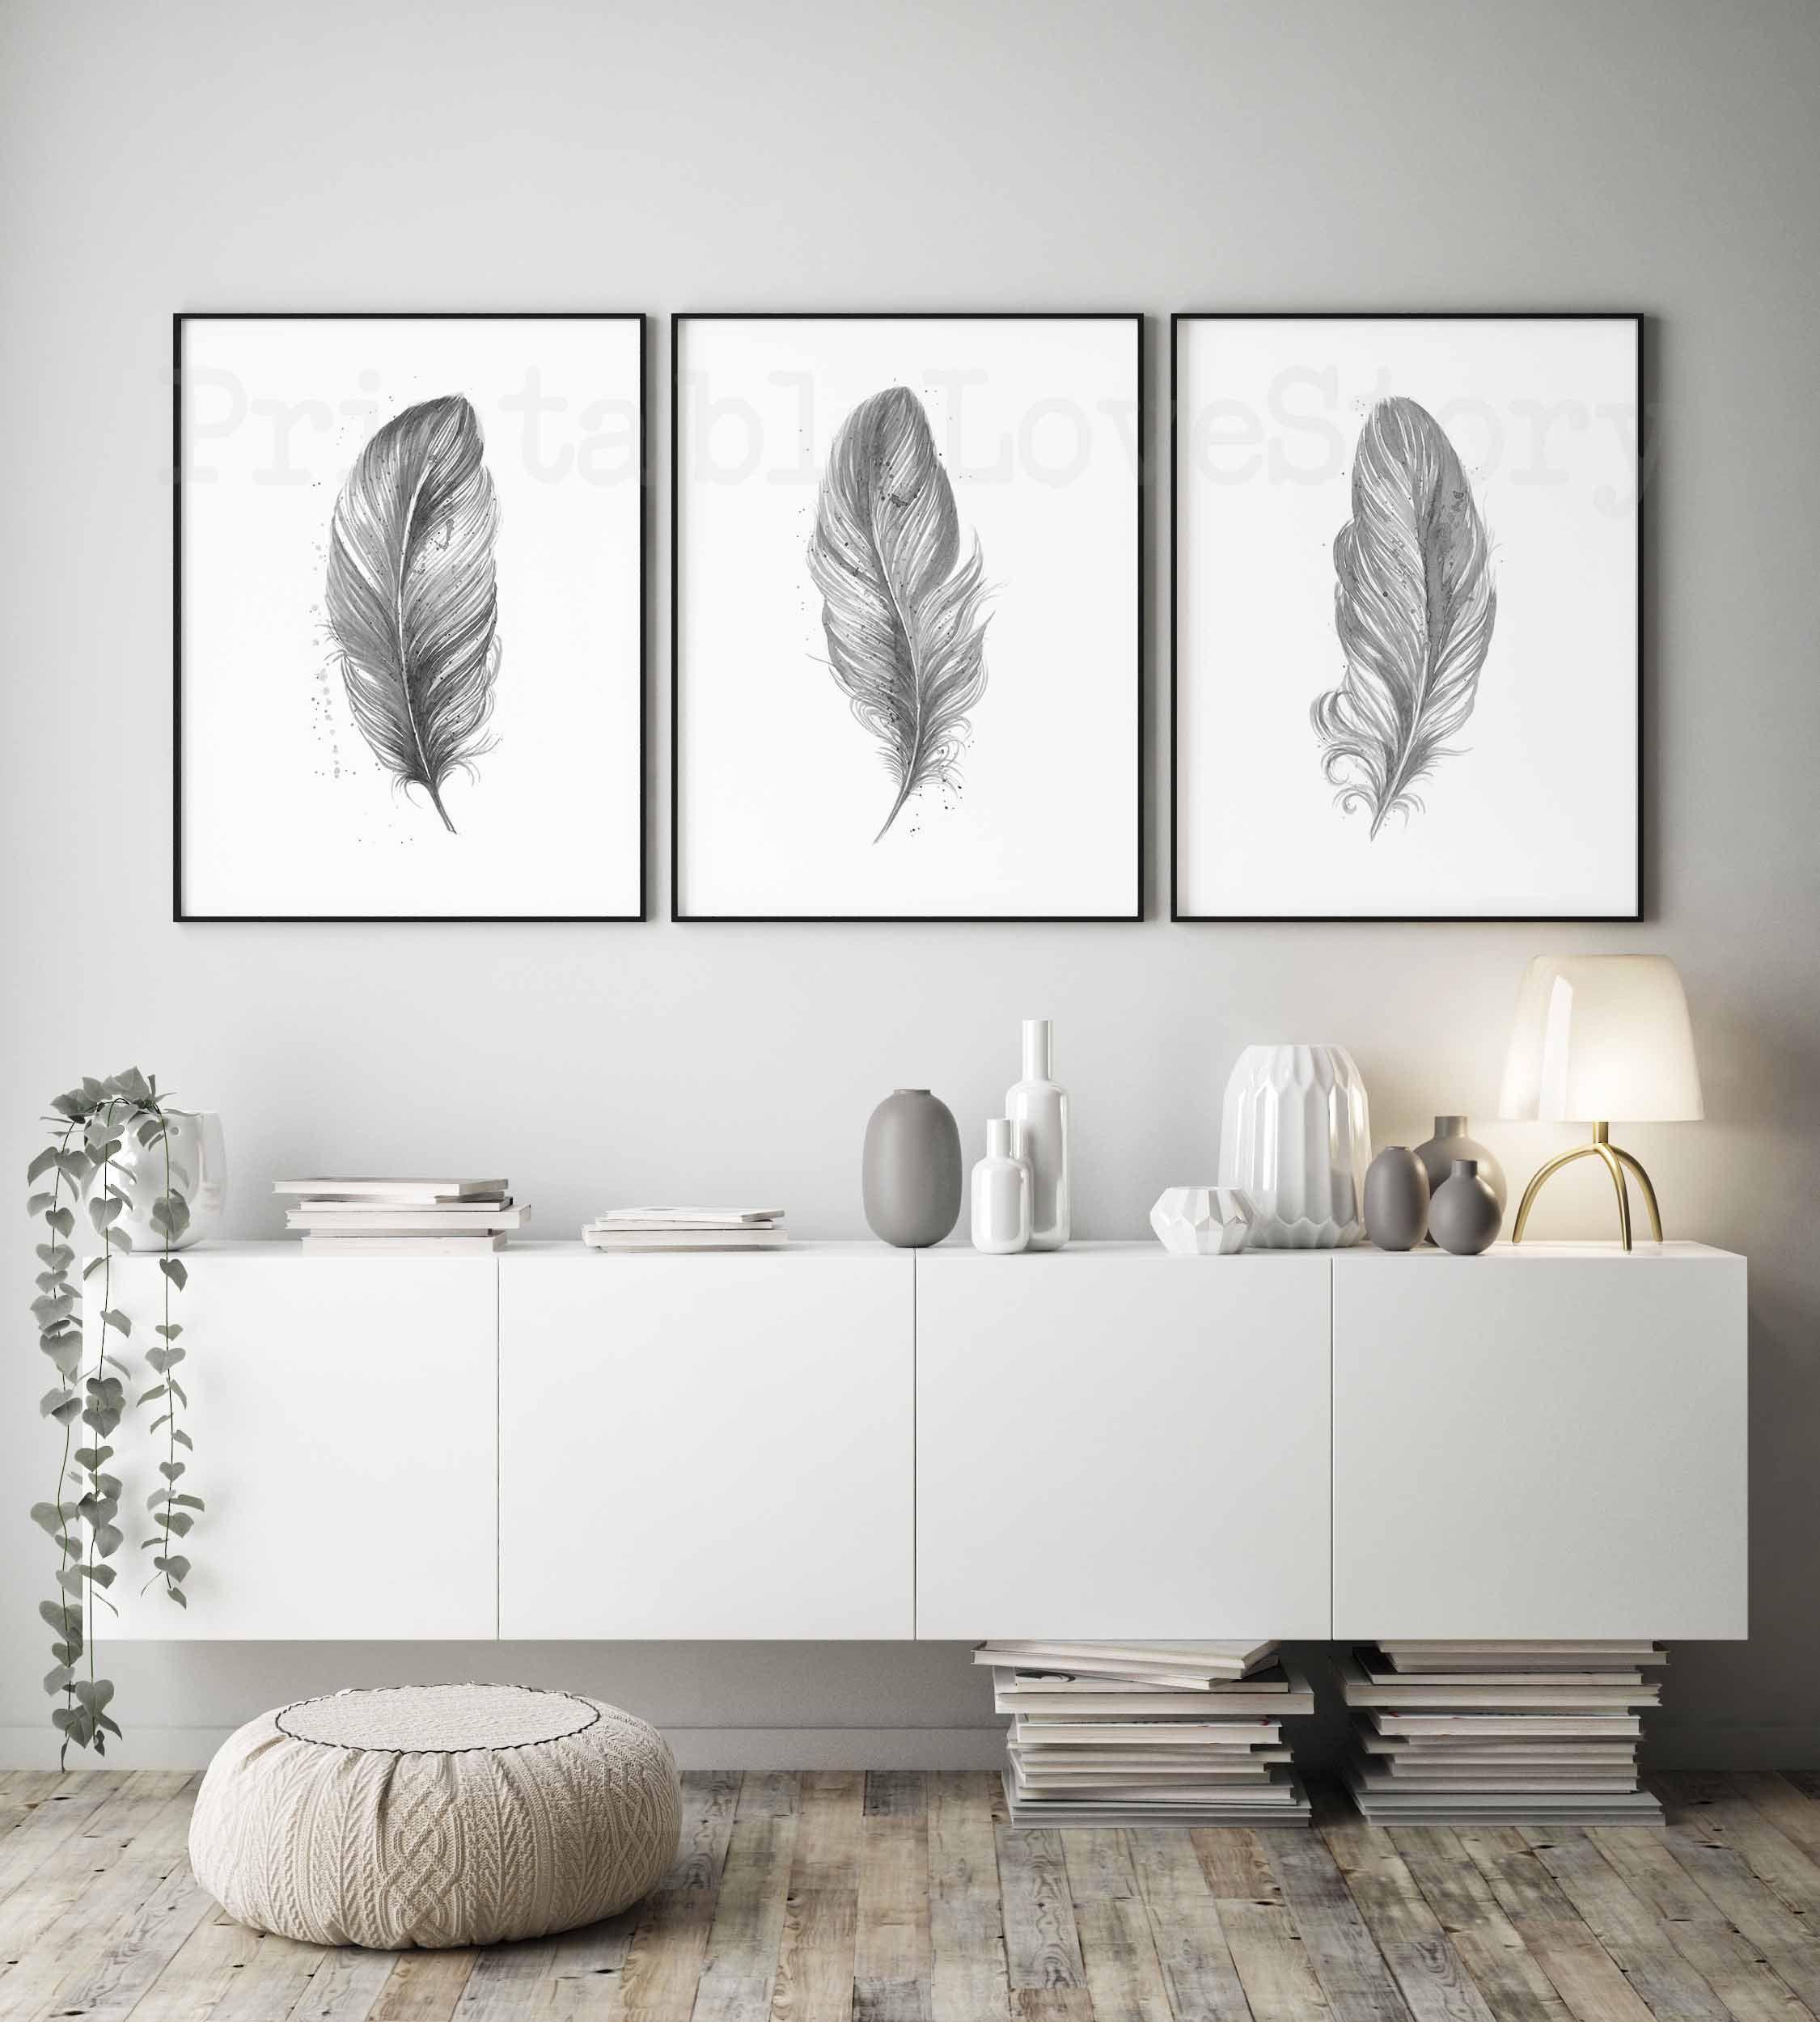 Feathers Printable Printable Wall Art Bedroom Wall Decor Grey Print Set Of 3 Prints Scandinavian Wall Decor Bedroom Printable Wall Art Bedroom Room Wall Decor